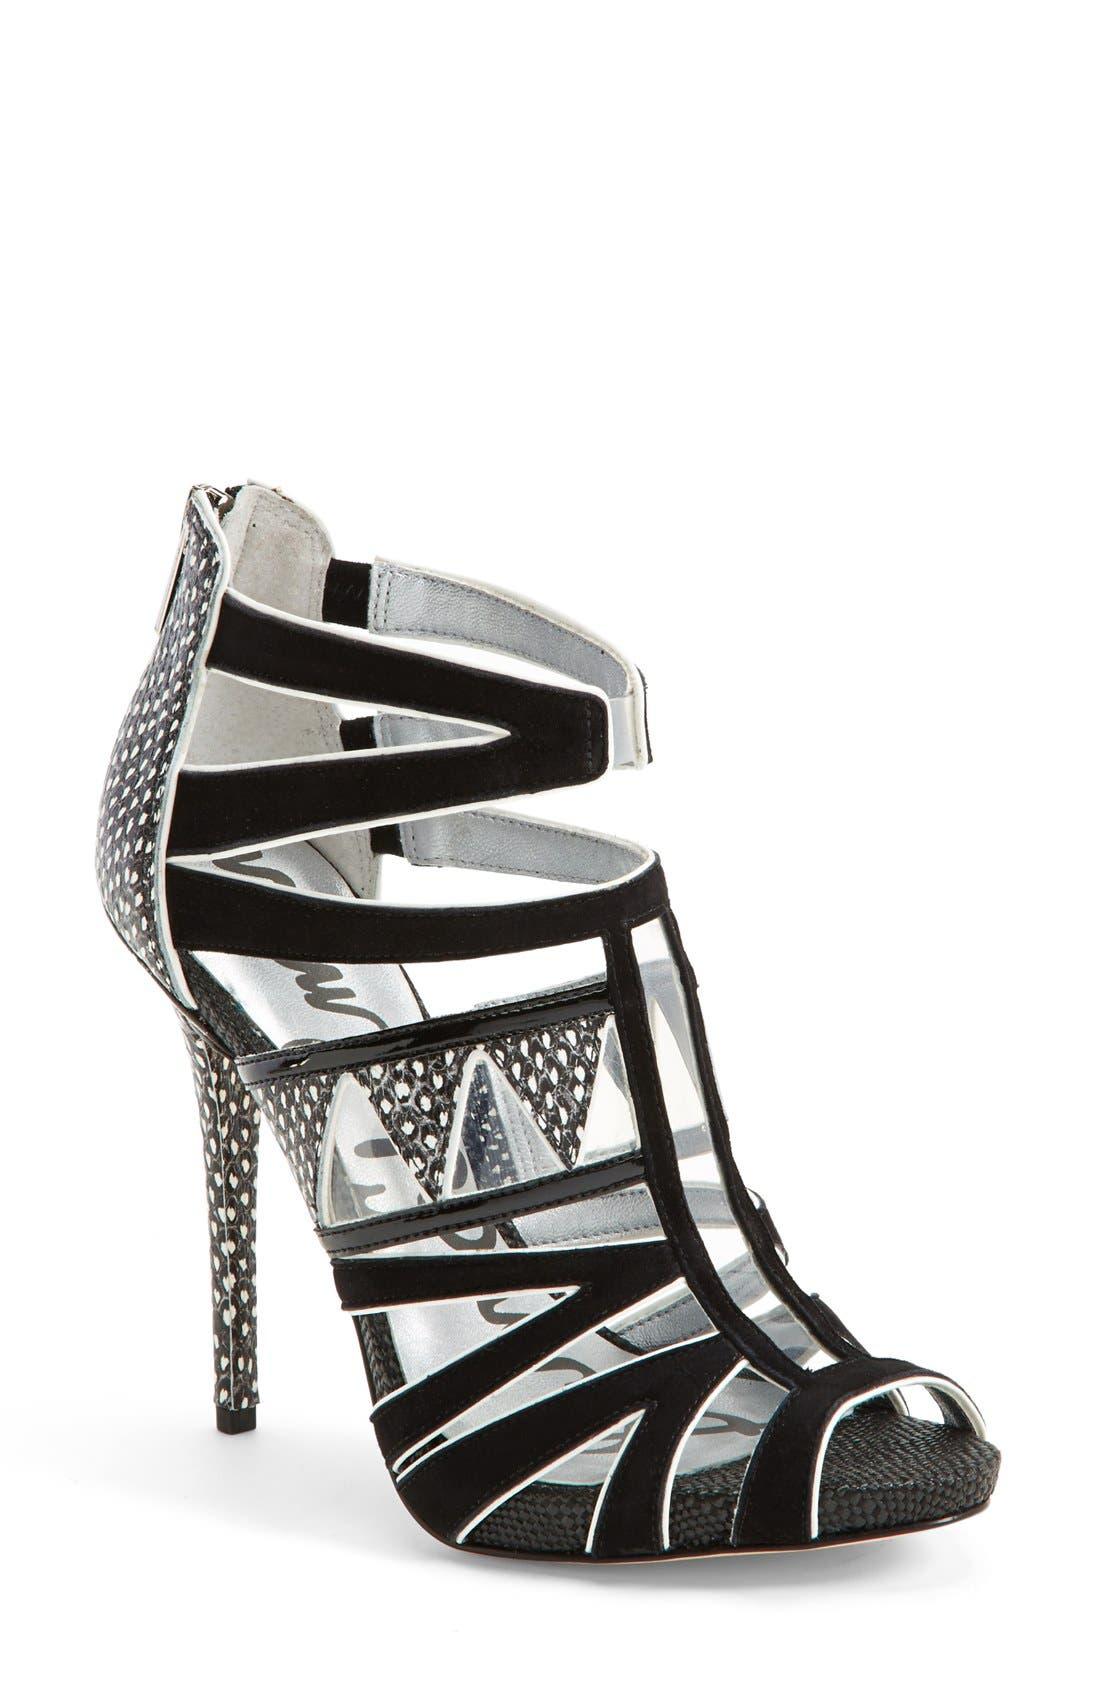 Main Image - Sam Edelman 'Jazz' Snake Embossed Sandal (Women)